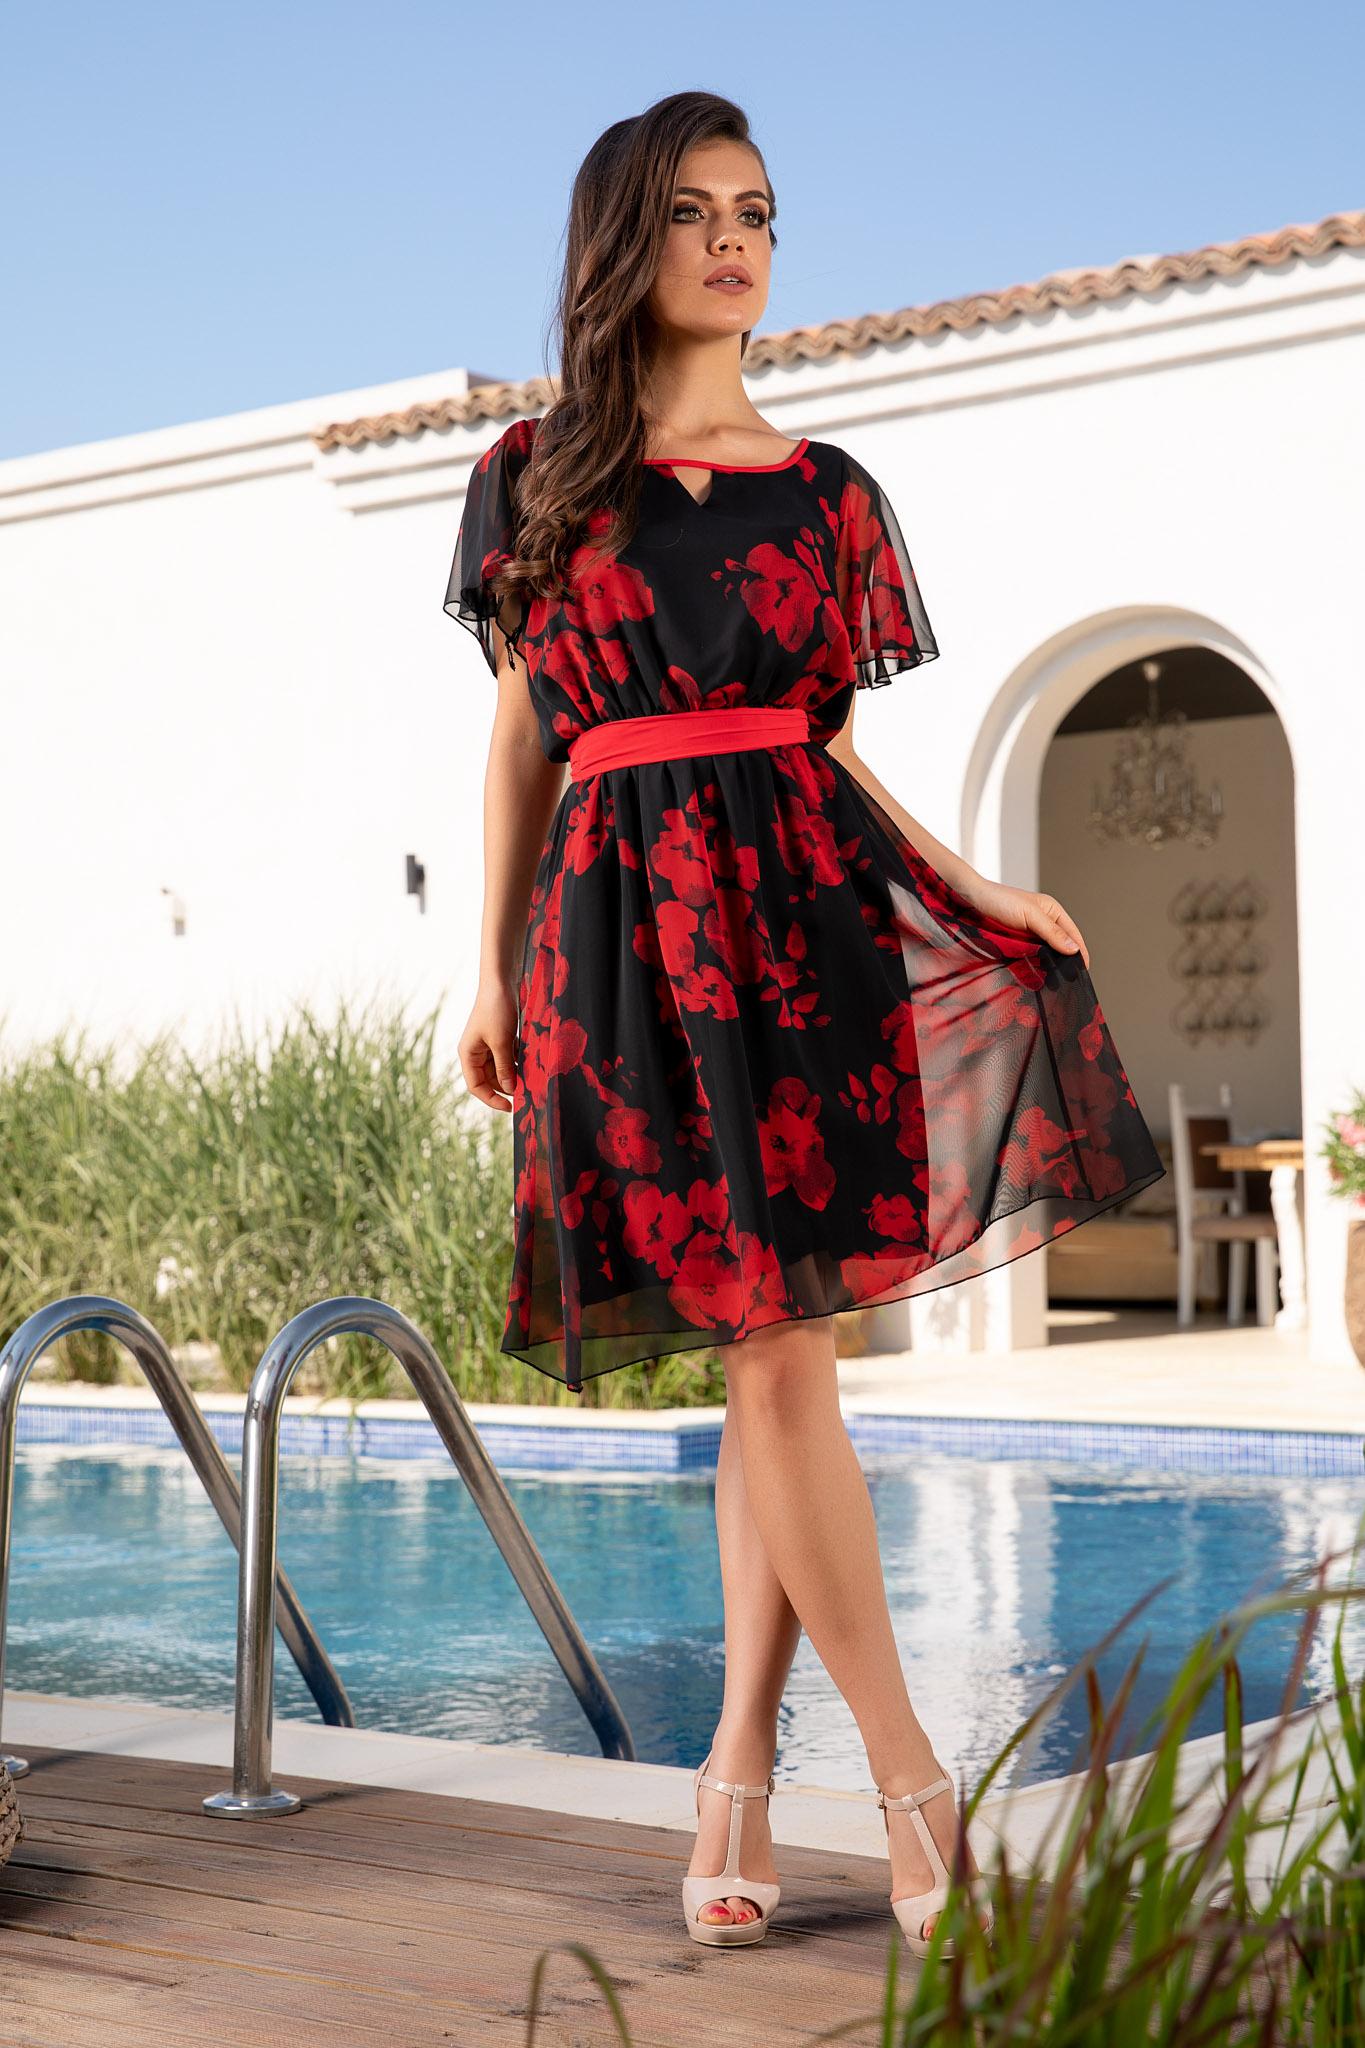 Rochie Enya Neagra - rochie scurta de vara din voal negru cu imprimeu rosu 3  - Rochie Enya Neagra